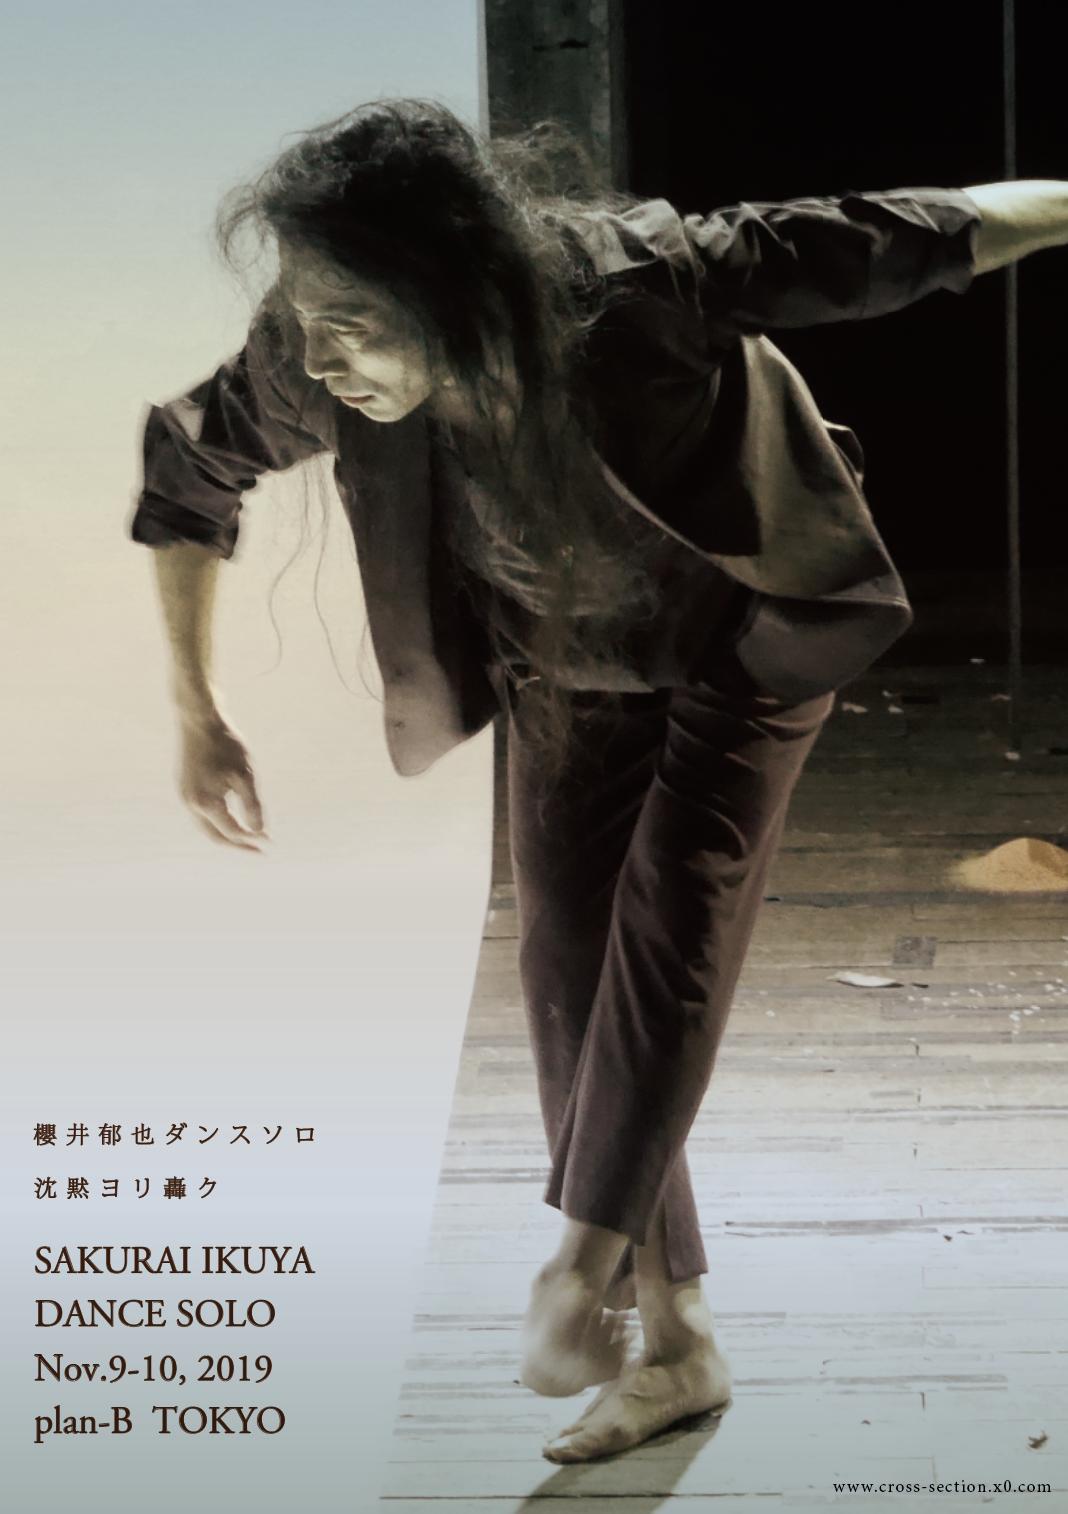 ダンサー櫻井郁也、最新ソロ「沈黙ヨリ轟ク」上演!